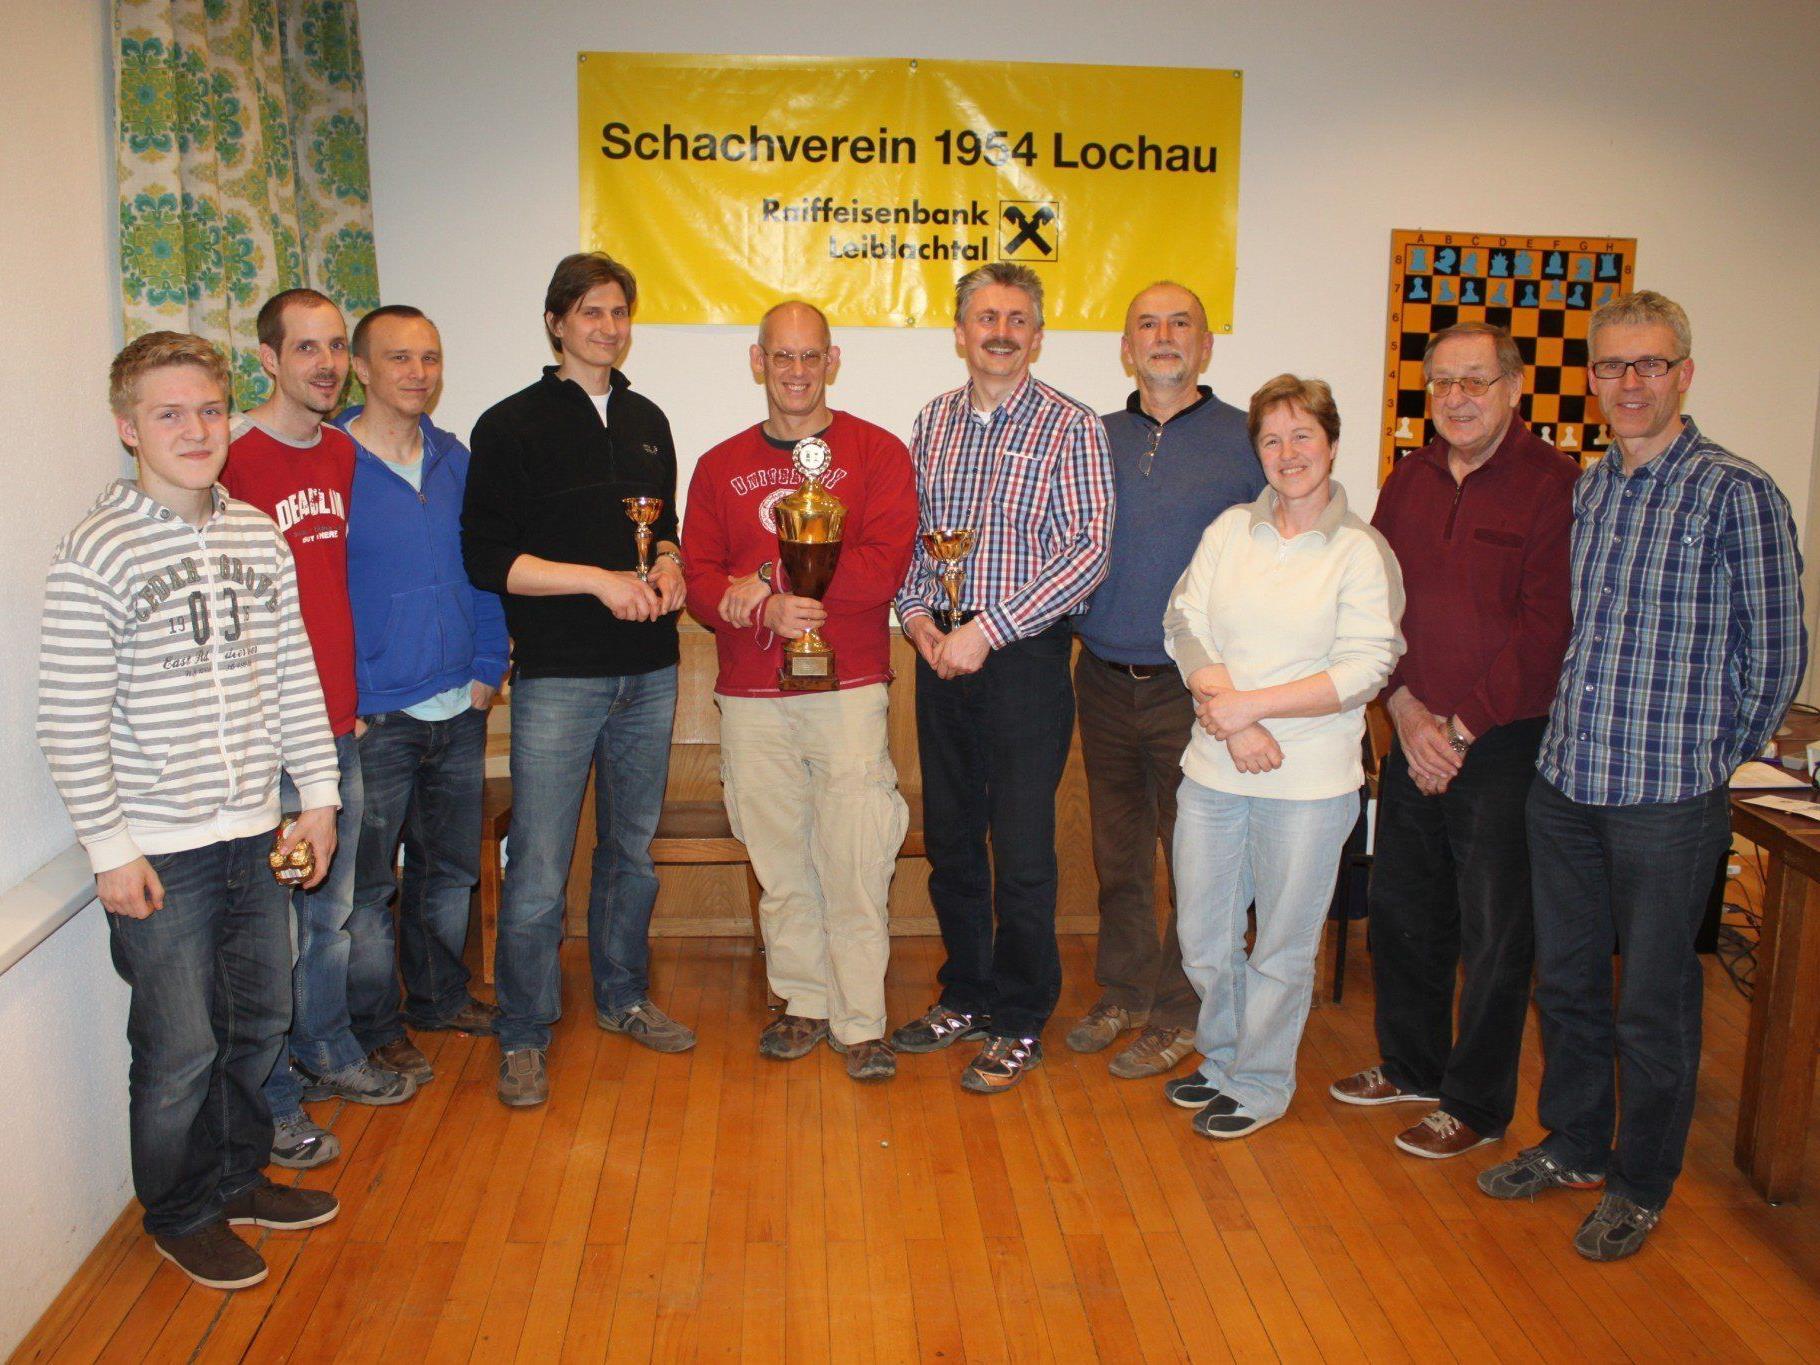 Siegerfoto der Lochauer Schach-Vereinsmeisterschaft 2013 mit Vereinsmeister Peter Mittelberger.